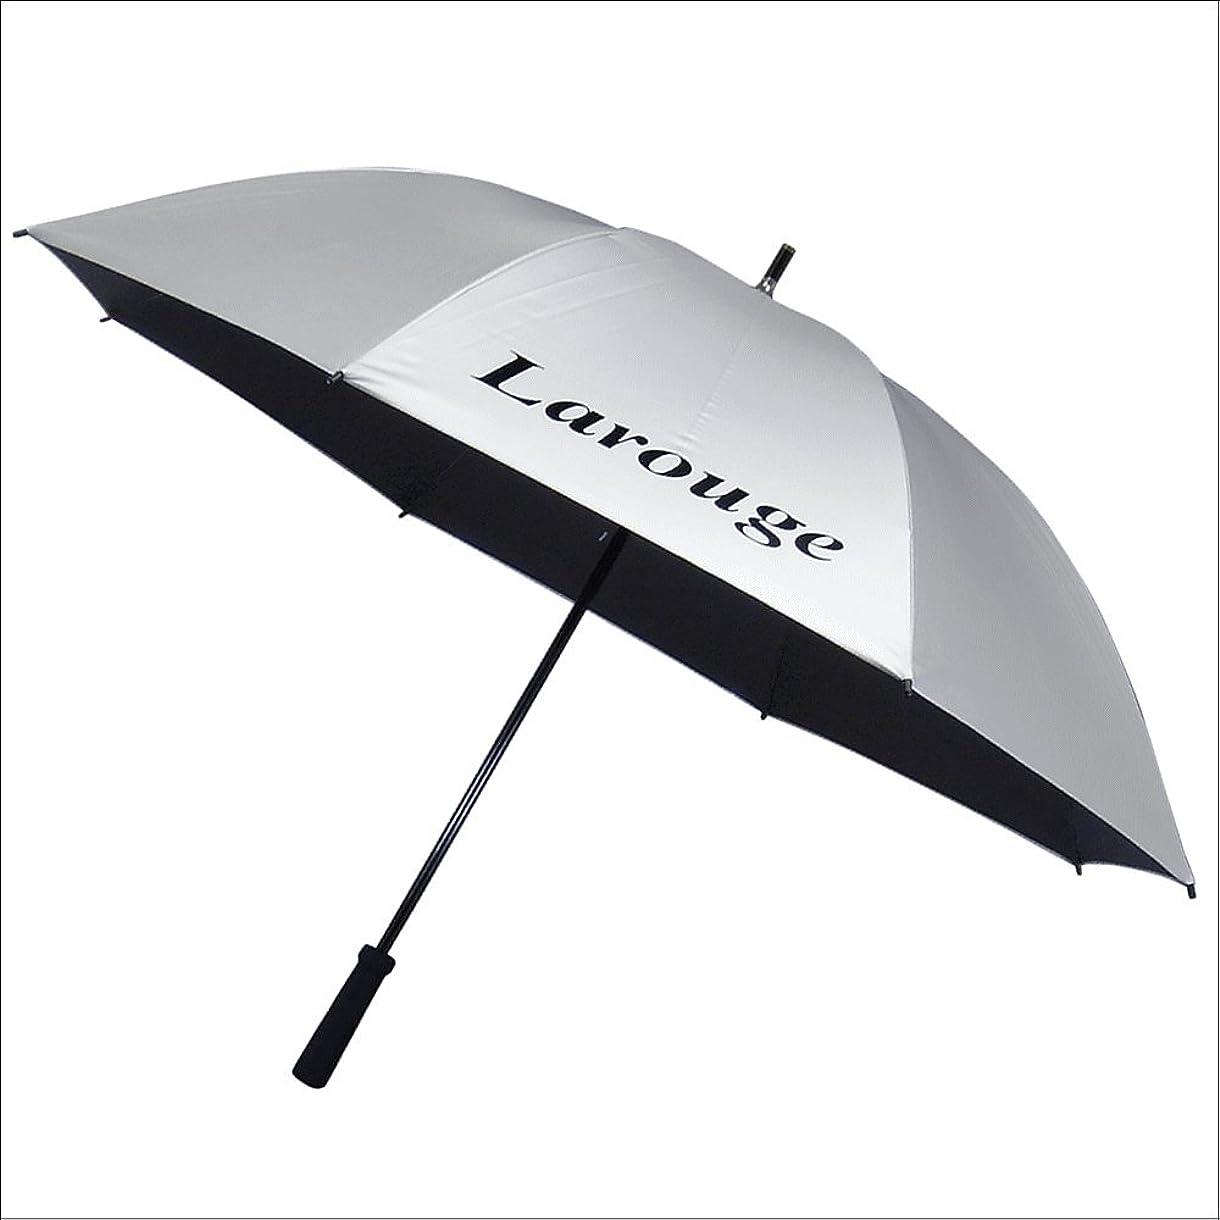 刑務所風味通知する製造直販ゴルフ屋 晴雨兼用 銀バリ傘 UVカット99.9% 日傘 大型約70cm傘 ta921